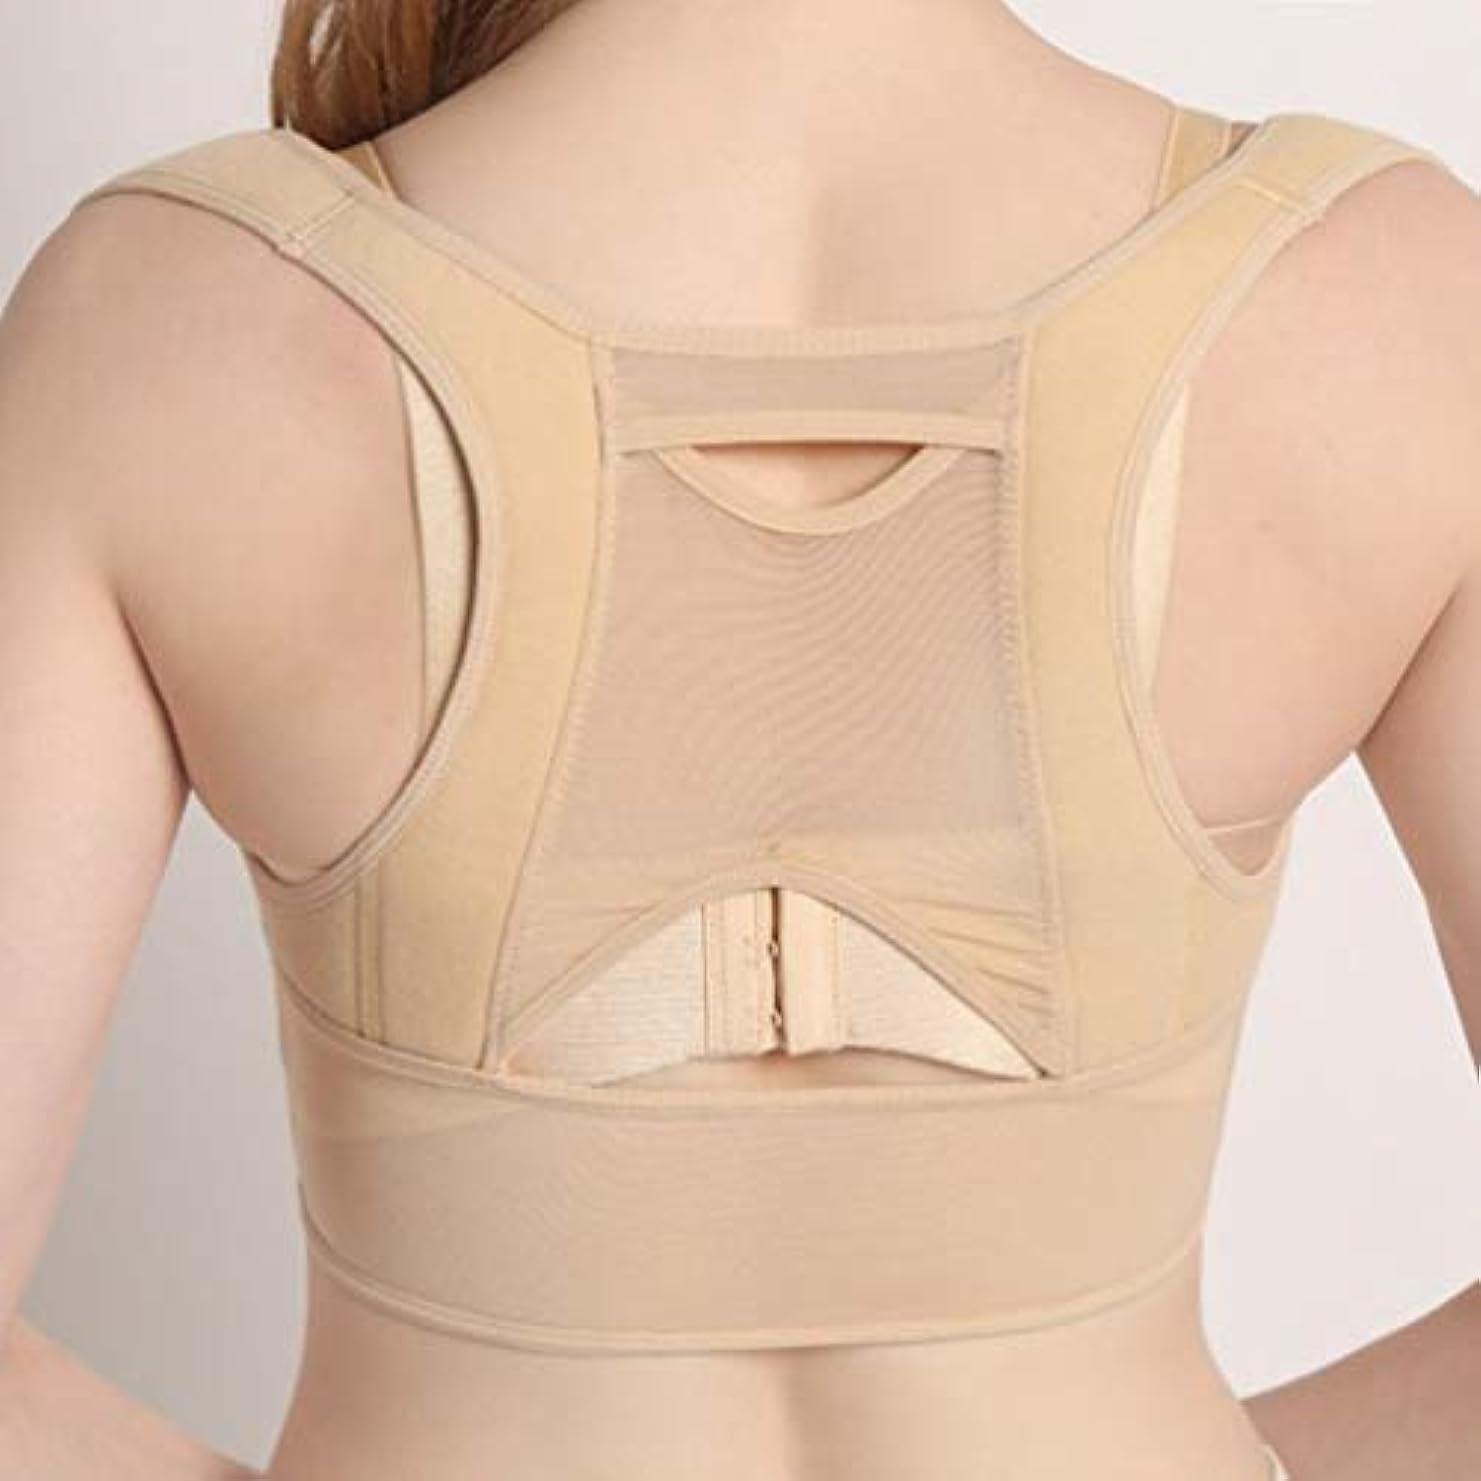 クリスチャン背の高い自信がある通気性のある女性の背中の姿勢矯正コルセット整形外科の肩の背骨の姿勢矯正腰椎サポート - ベージュホワイトM